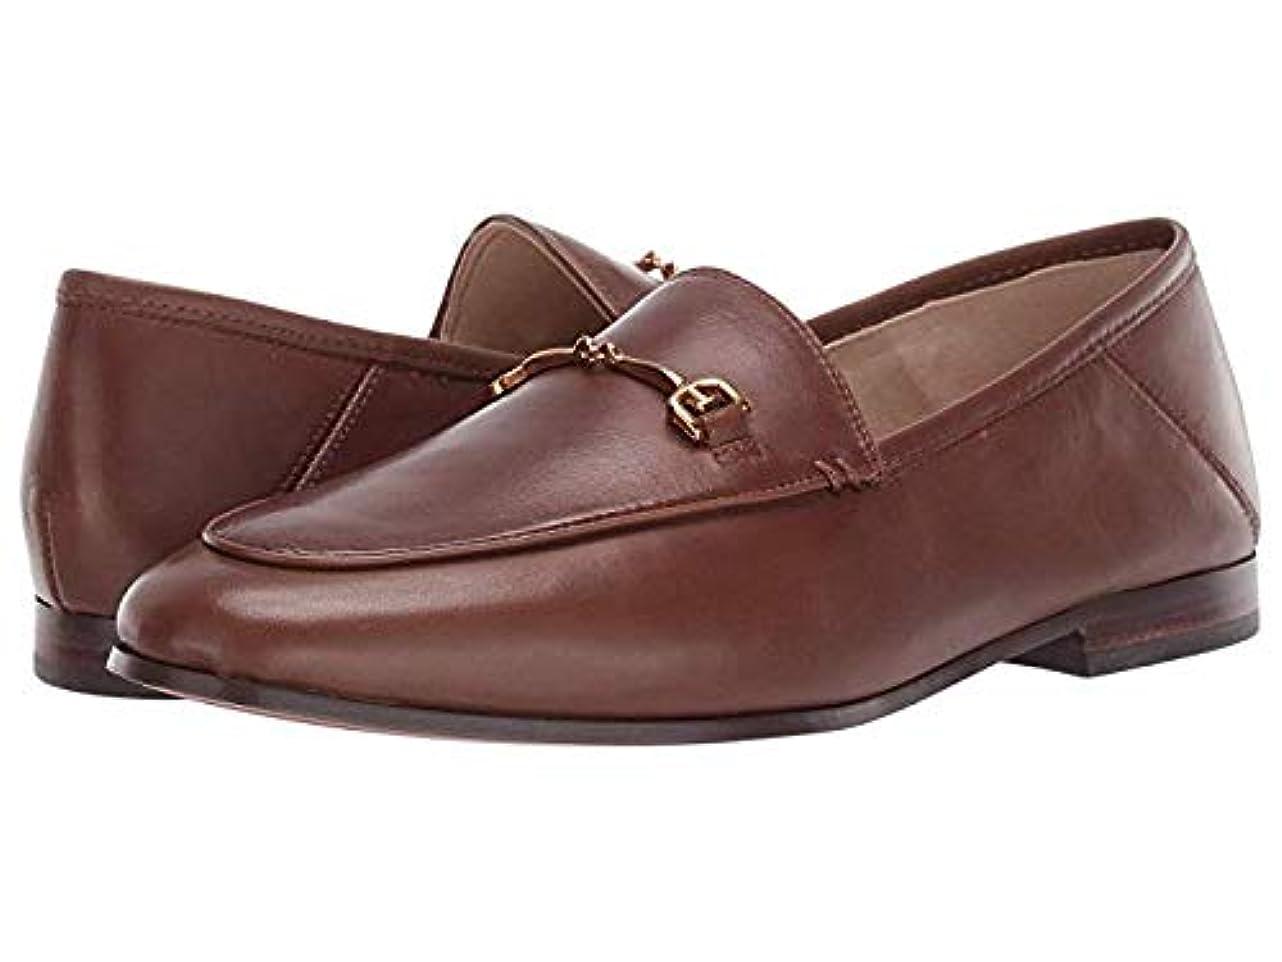 流暢サイレンパーチナシティ[Sam Edelman(サムエデルマン)] レディースローファー?靴 Loraine Loafer Toasted Coconut Modena Calf Leather (24cm) W [並行輸入品]